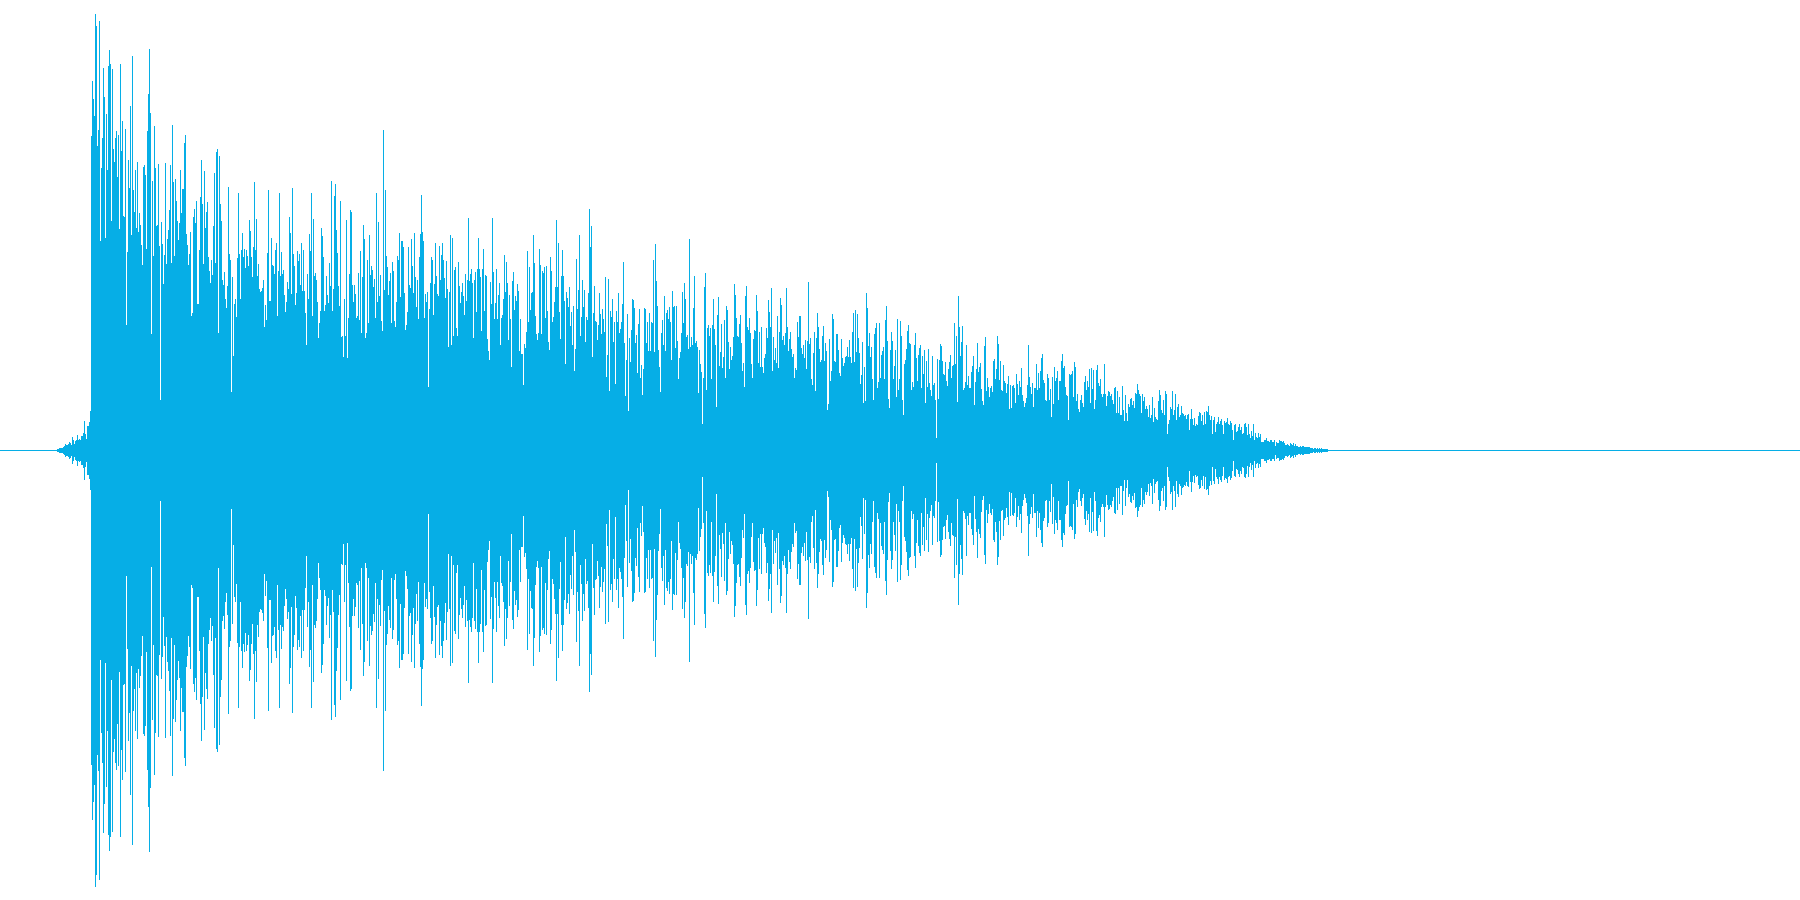 ゲーム(ファミコン風)爆発音_047の再生済みの波形